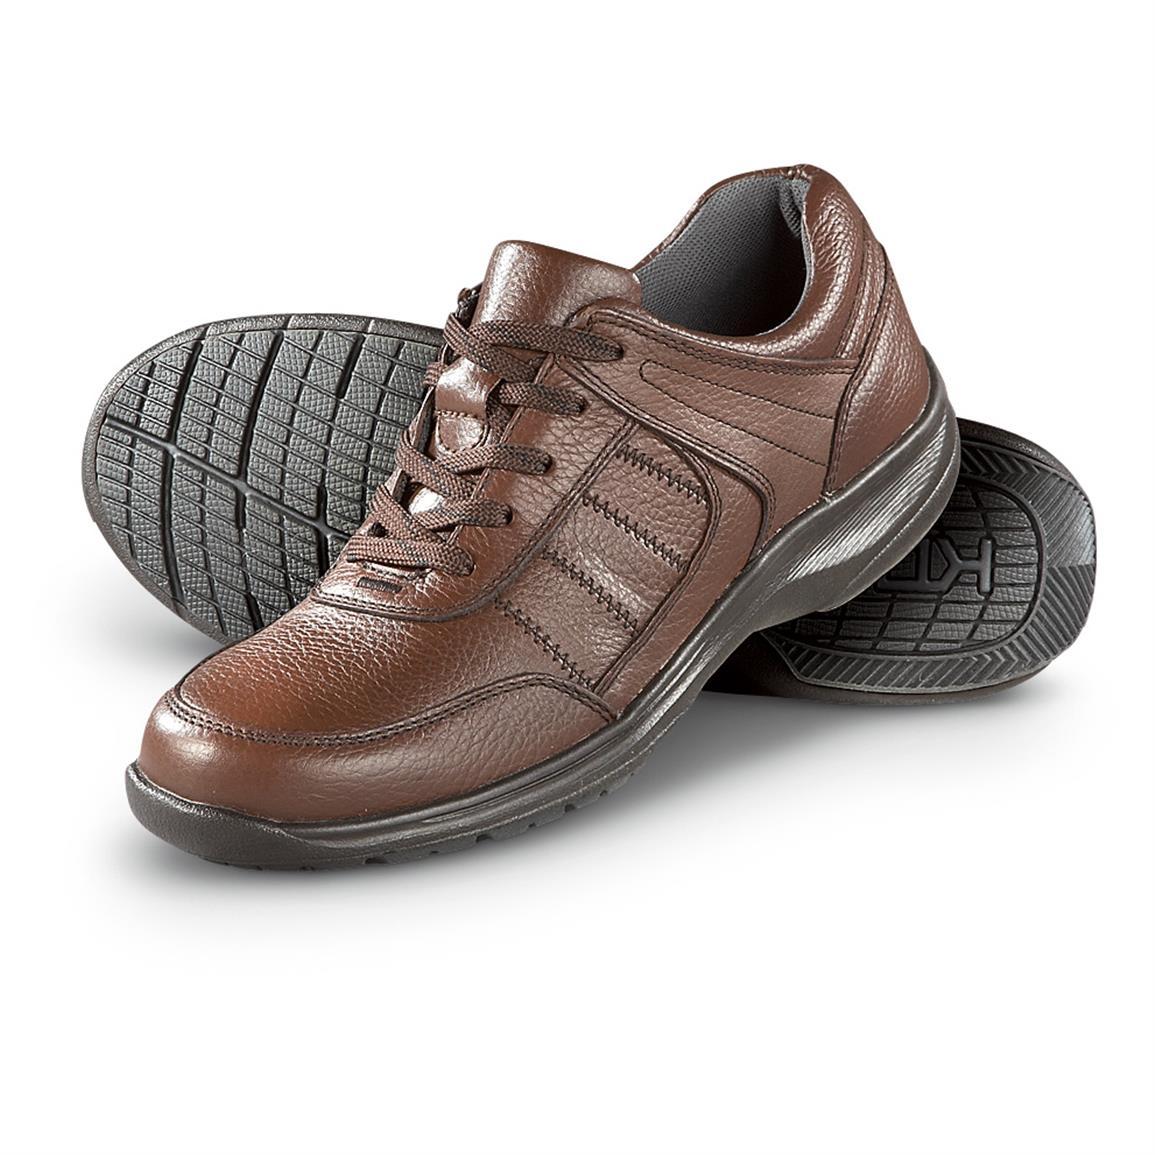 Nunn bush shoes- both comfort and style